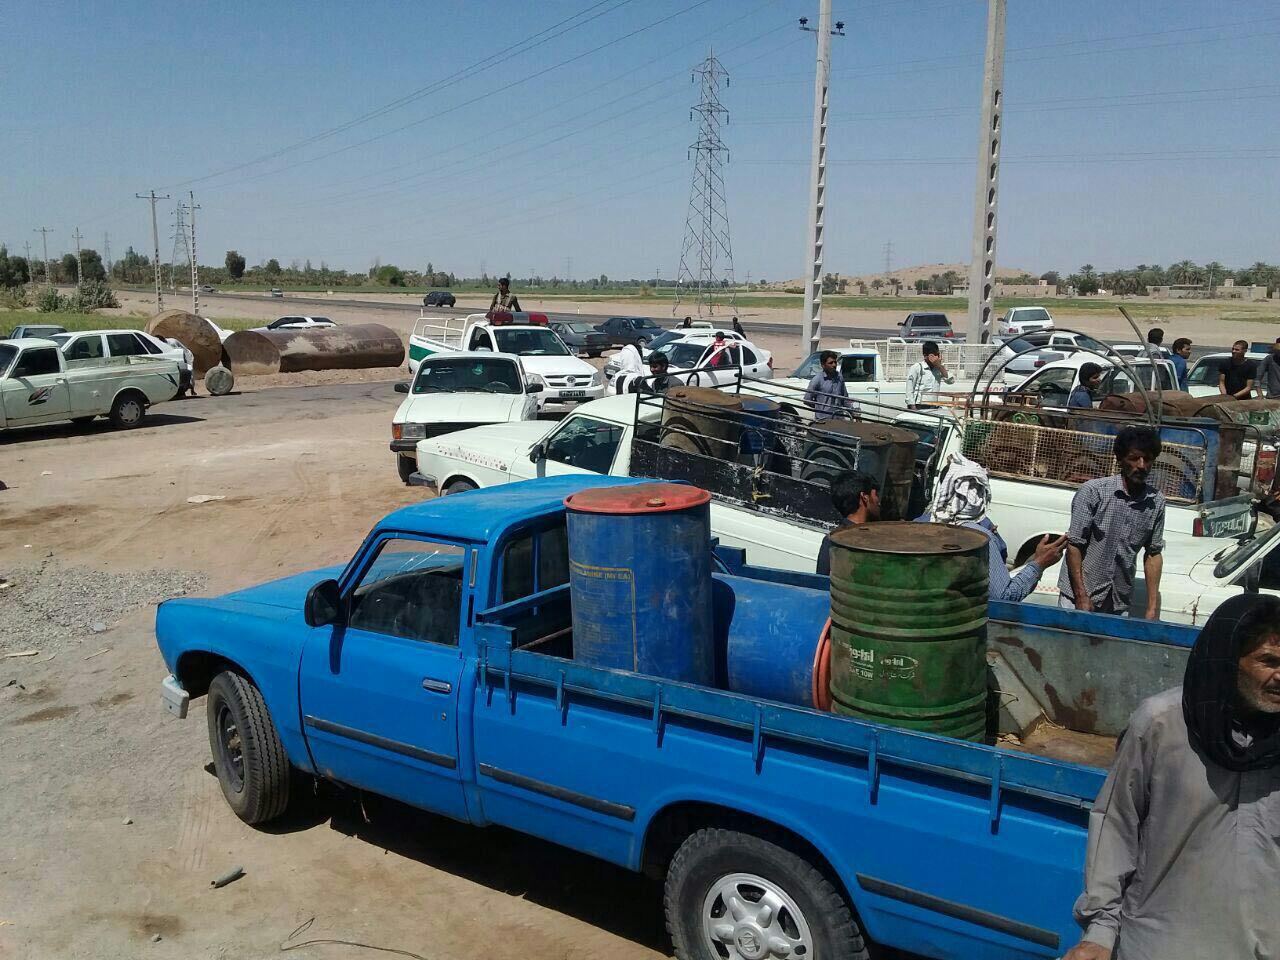 کشف ۲۶ هزار لیتر گازوئیل قاچاق در عملیات پلیس کرمان/ دام قاچاق به مقصد نرسید